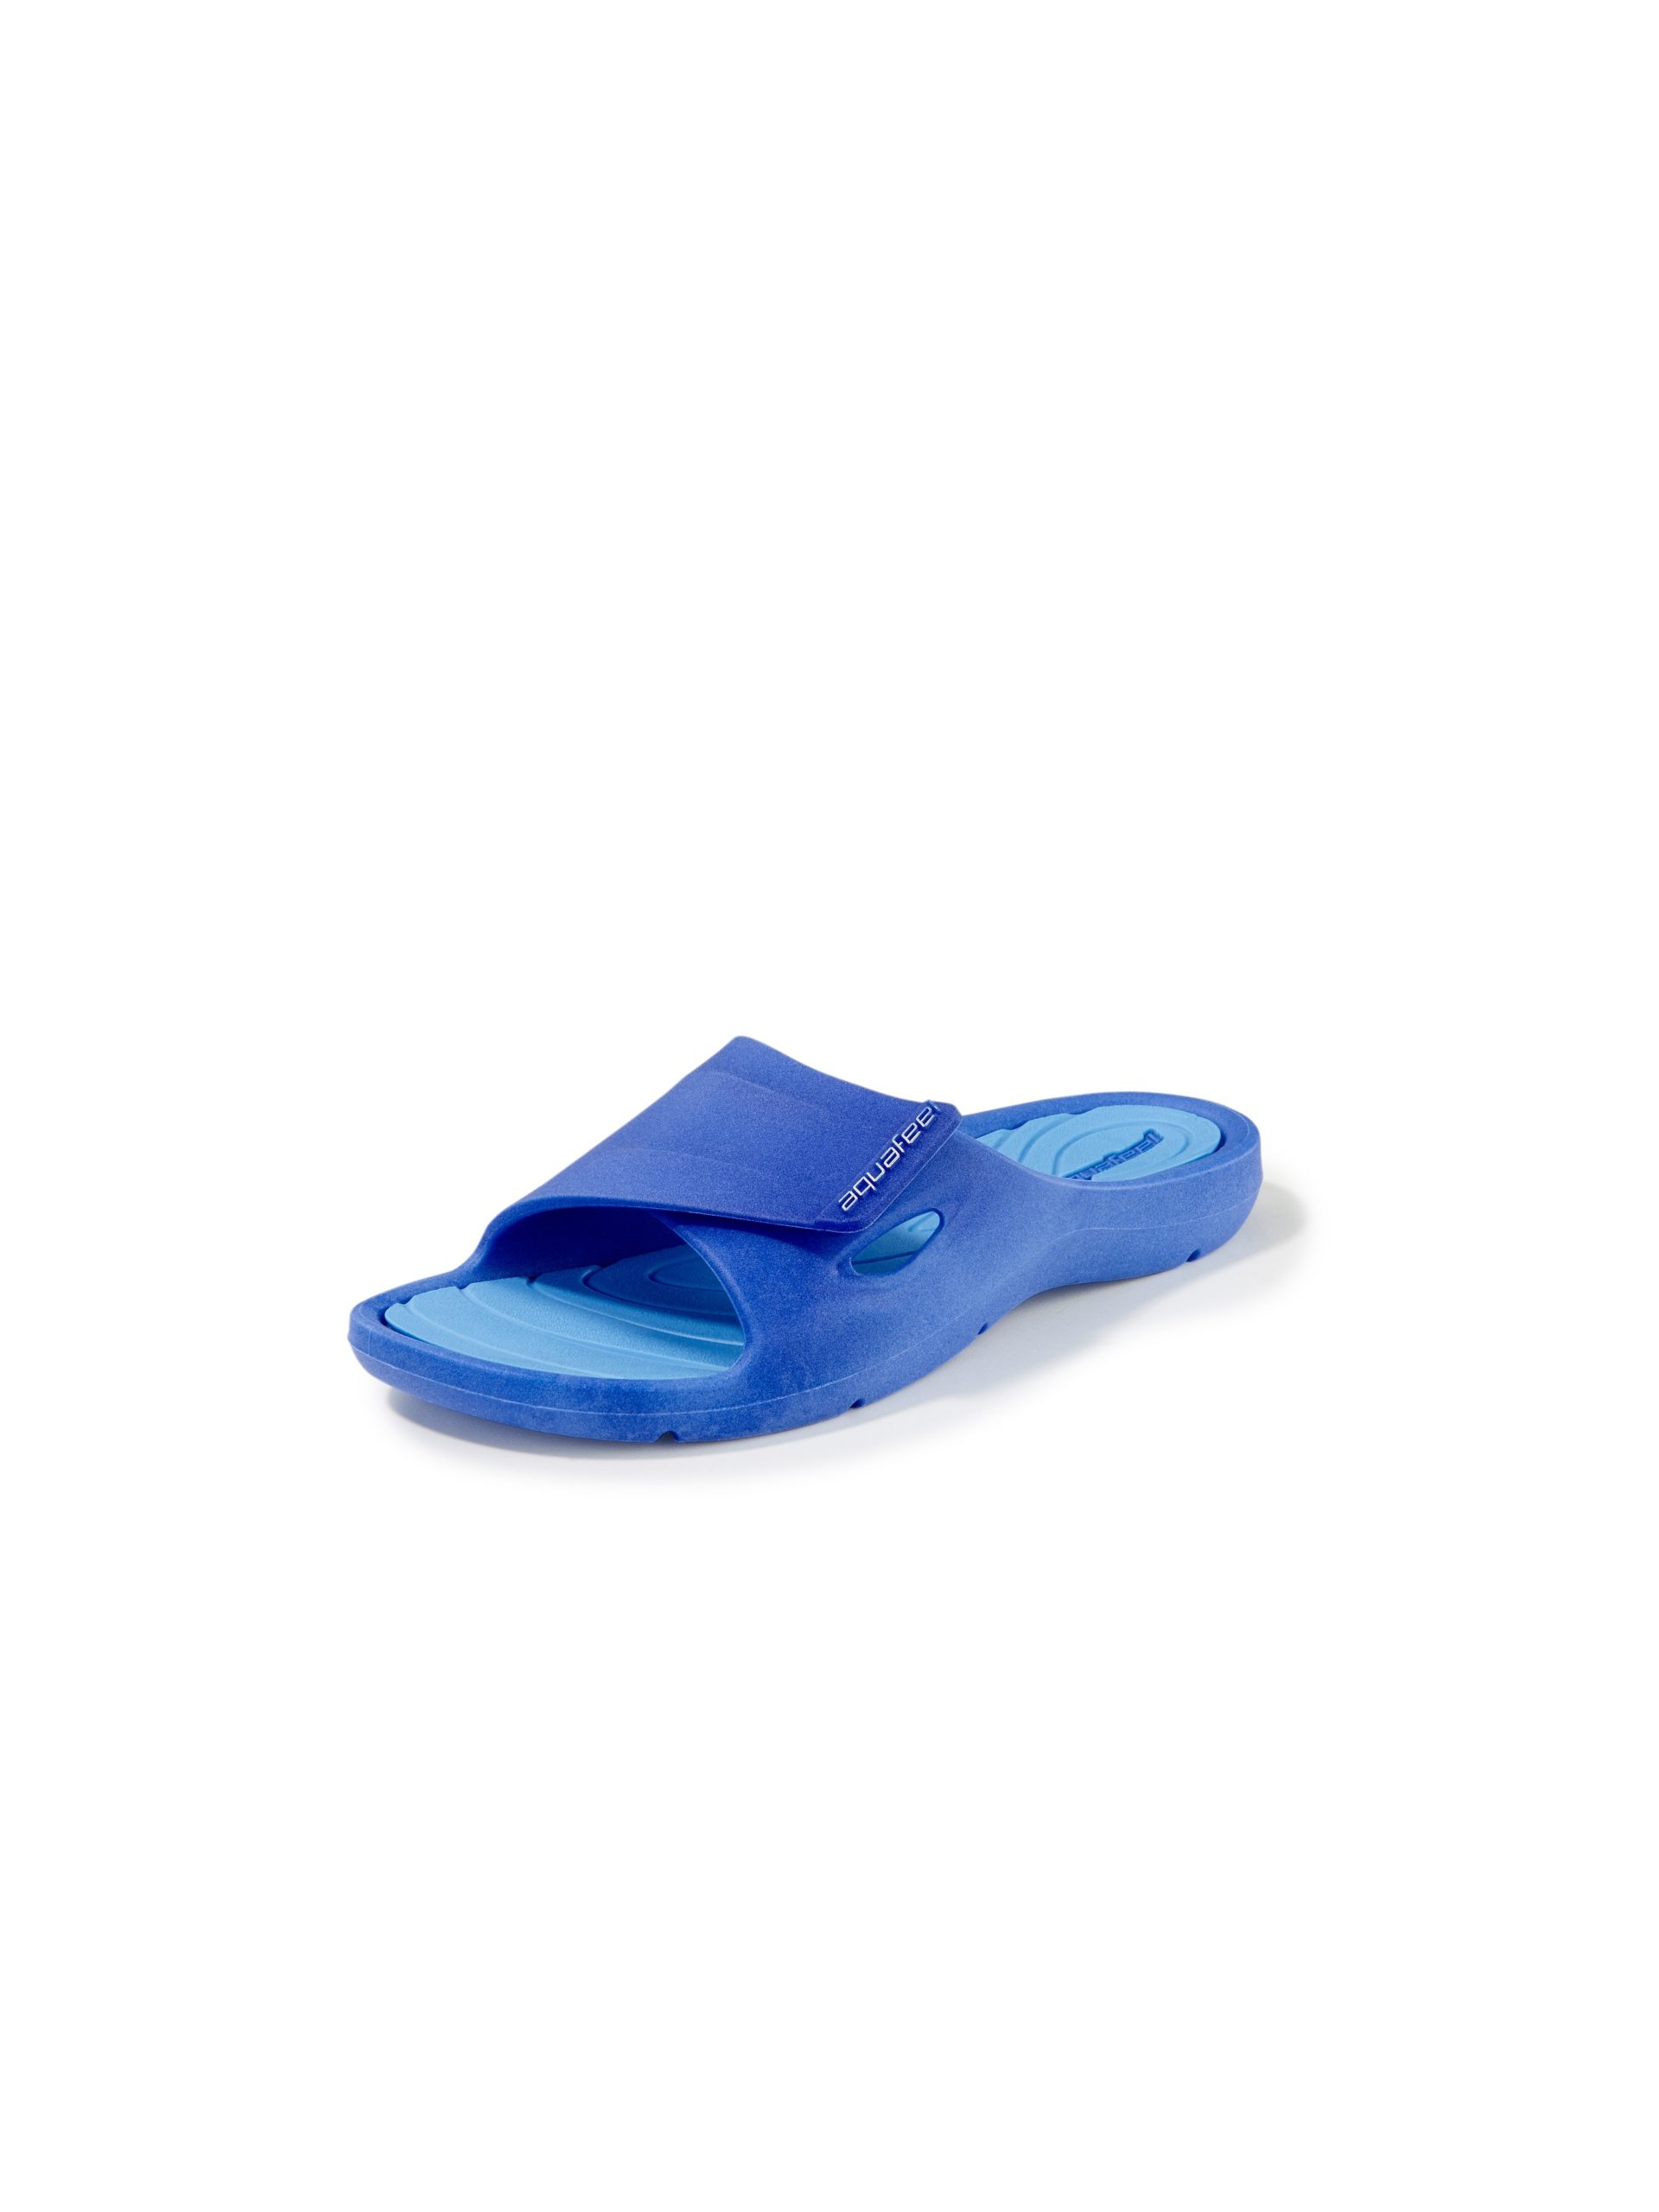 Badslippers met antislip-loopzool Van Aquafeel blauw Kopen